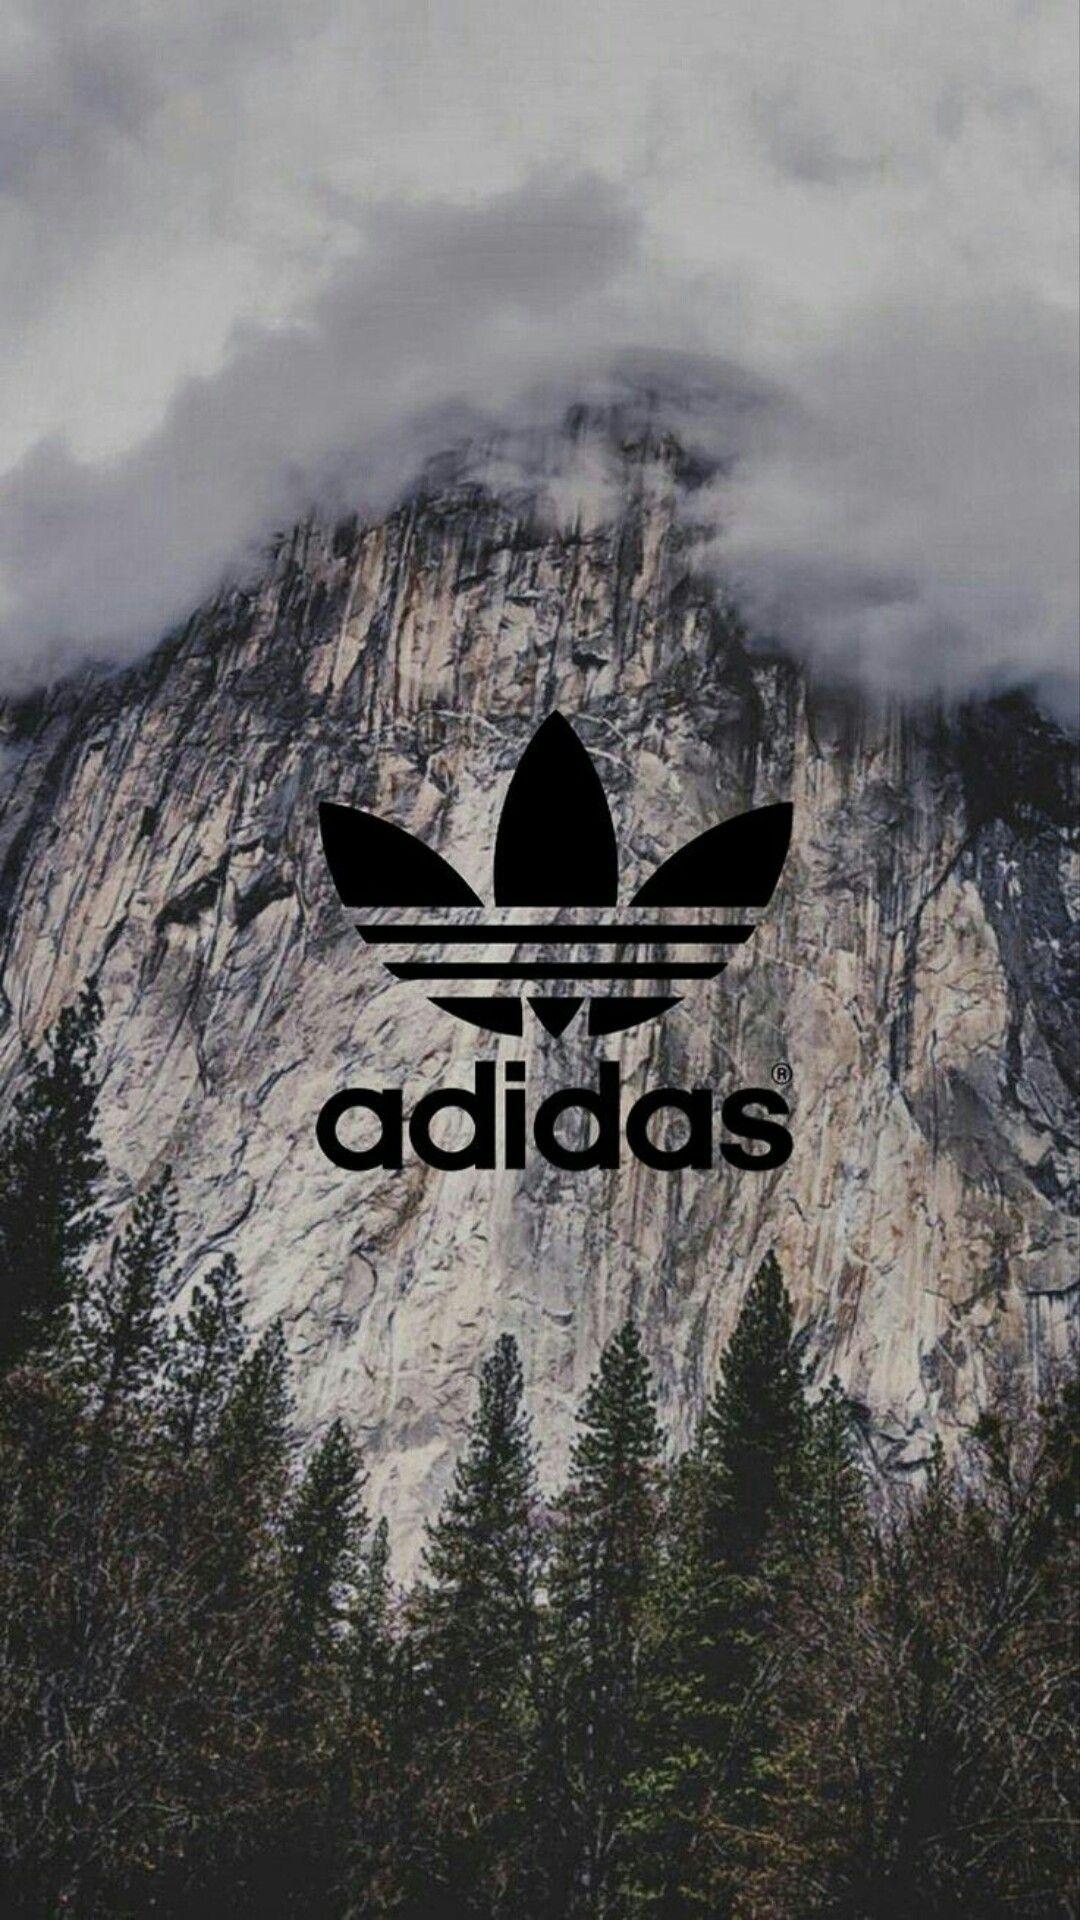 Tumblr iphone wallpaper adidas - Tumblr Iphone Wallpaper Phone Backgrounds Phone Wallpapers Adidas Nike Paper Drawings